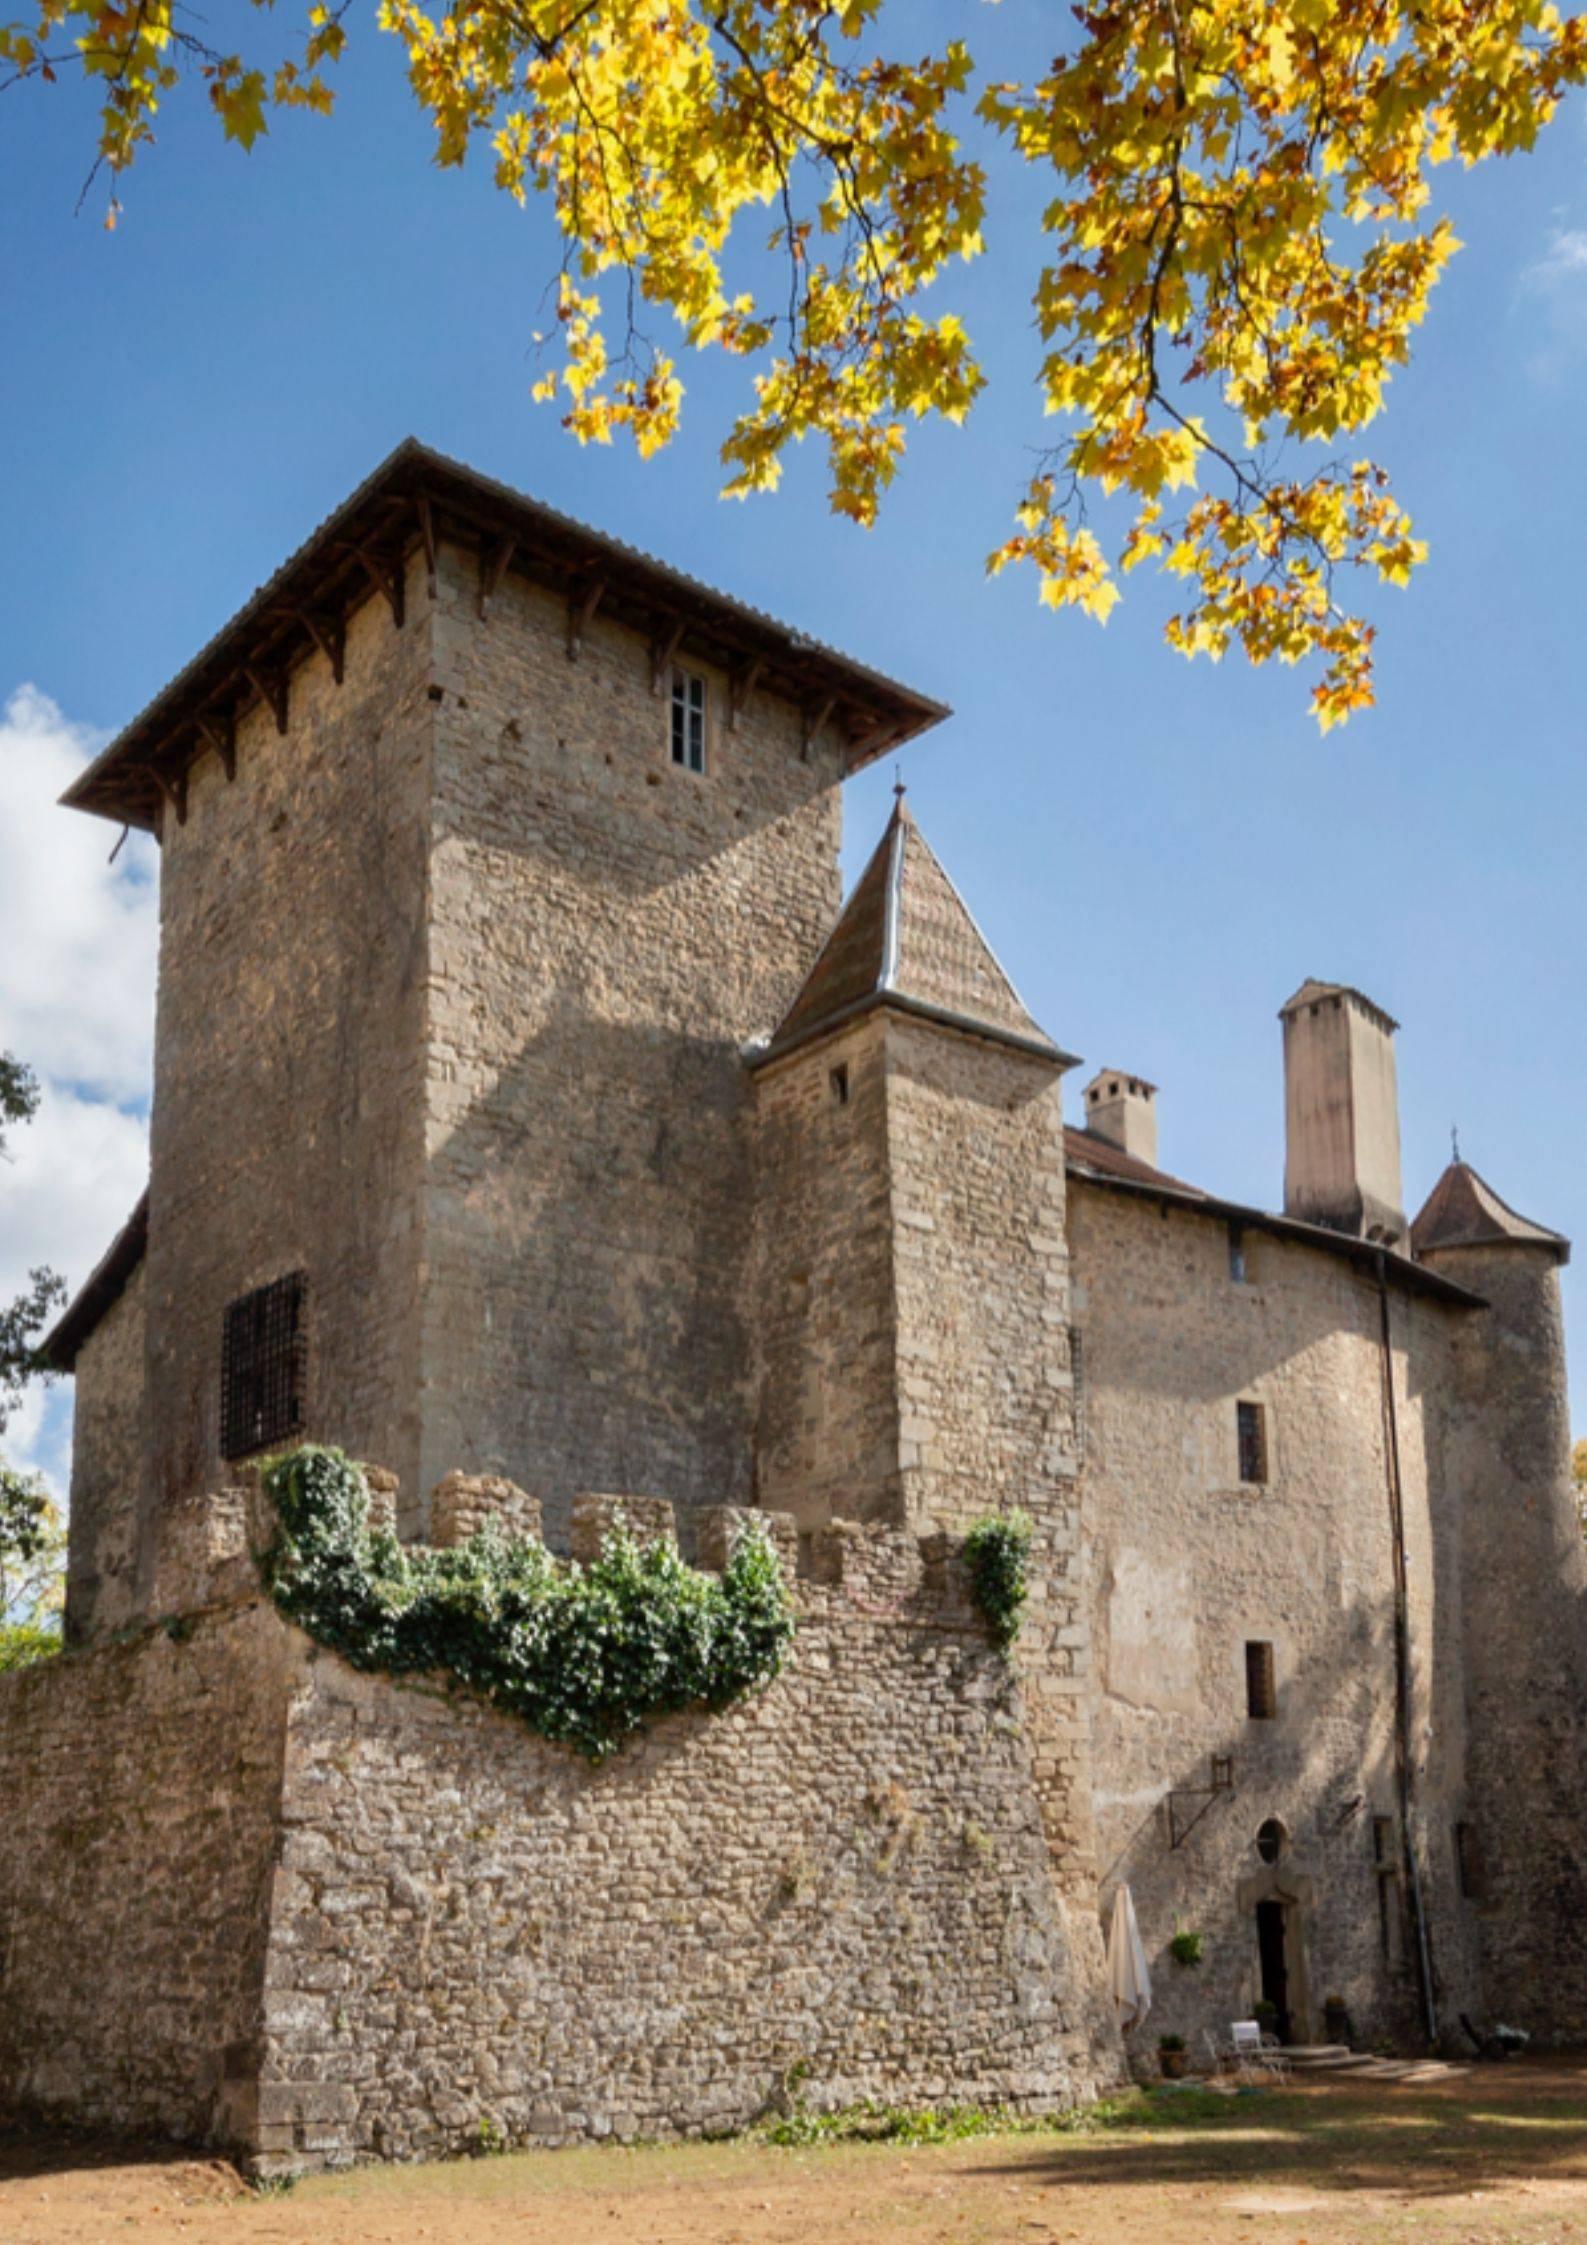 Chateau de Charmes sur l'Herbasse